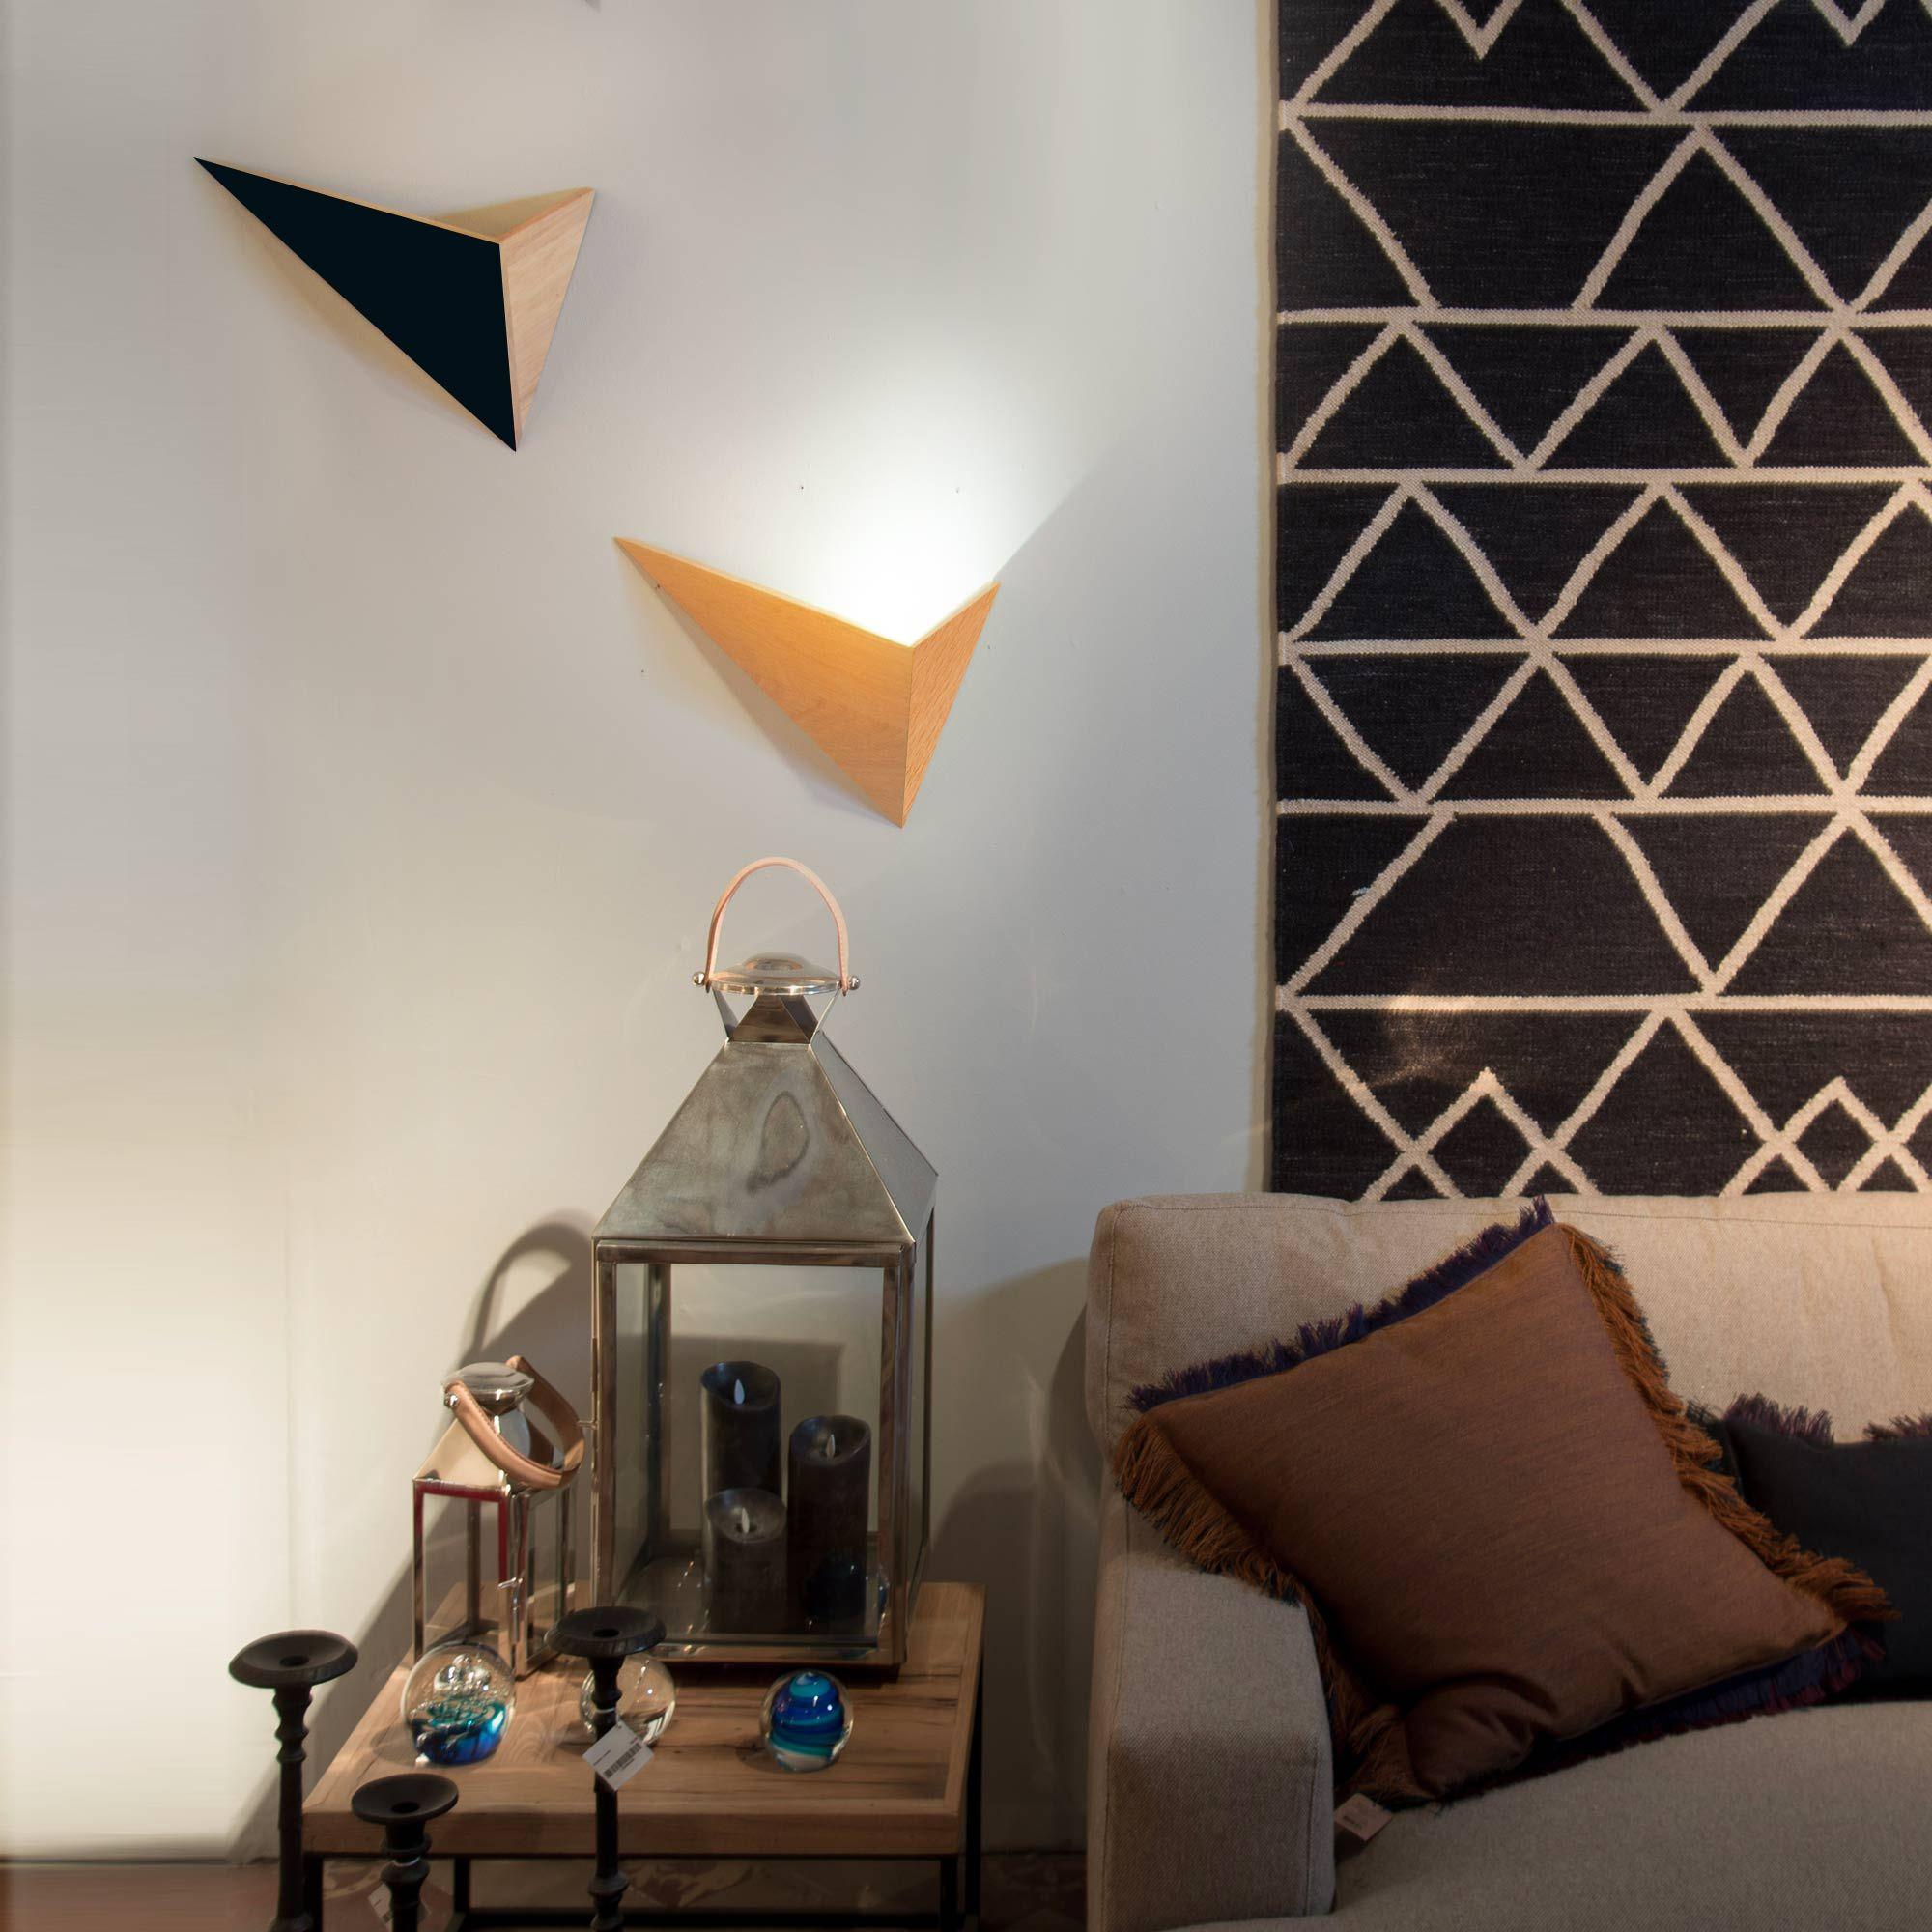 Murale Maison Idée De Mezzanine Luminaire Lampe Applique Et N0Ok8nXwP